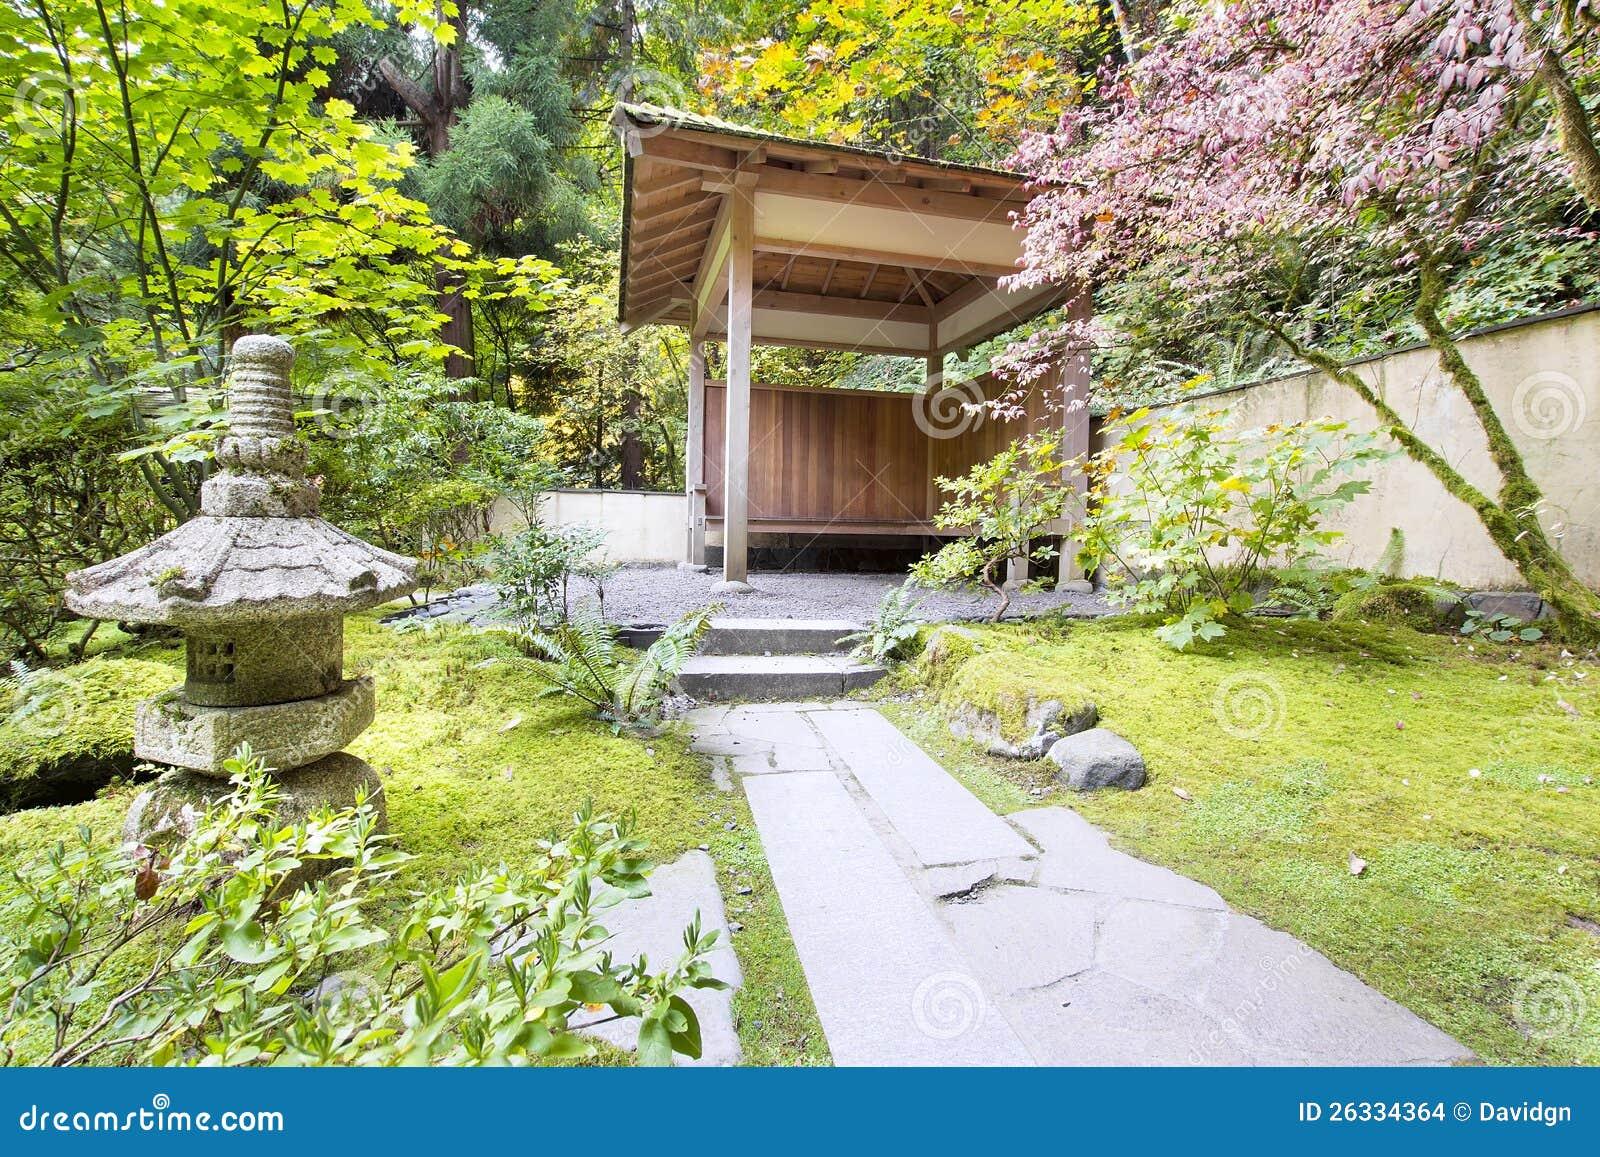 Het japanse huis van de thee van de tuin met de lantaarn van de steen stock foto afbeelding - Huis van de cabriolet ...